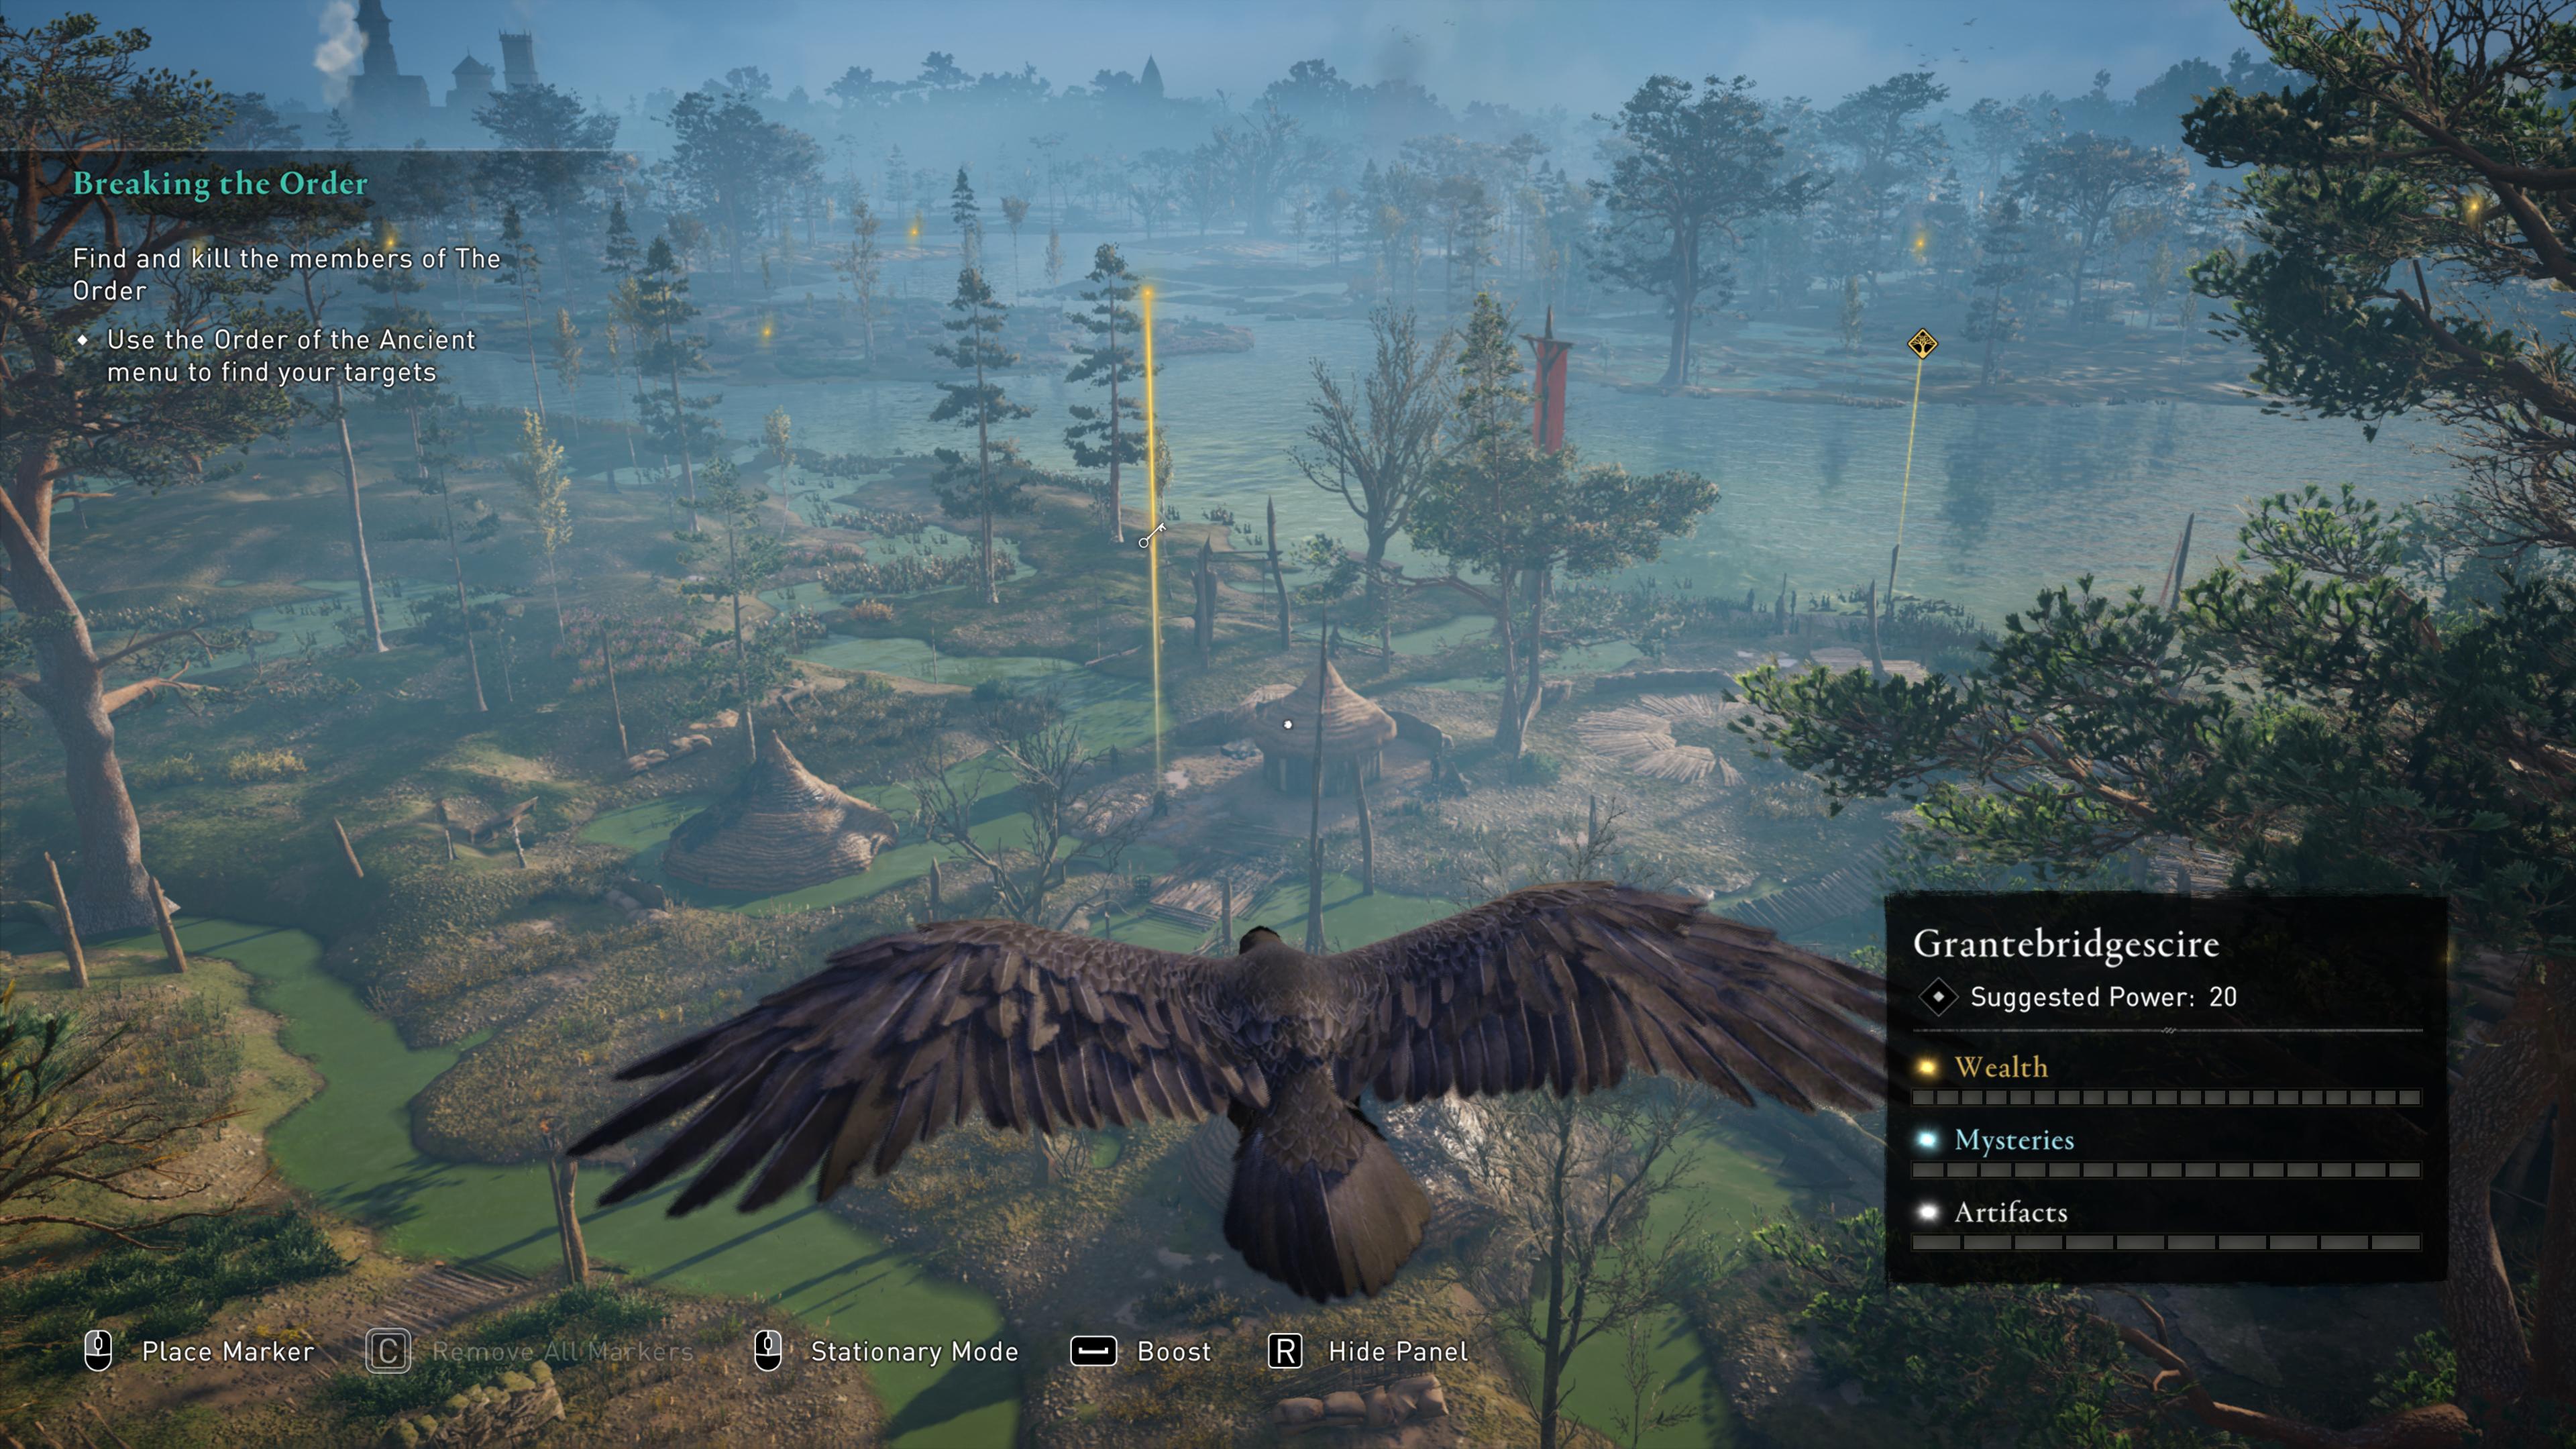 Скриншот интерфейса птицы-помощника из игры Assasin`s Creed. Питомец работает в качестве БПЛА, помогает искать ключевые точки маршрута, осматривать местность на предмет опасностей и т.д.